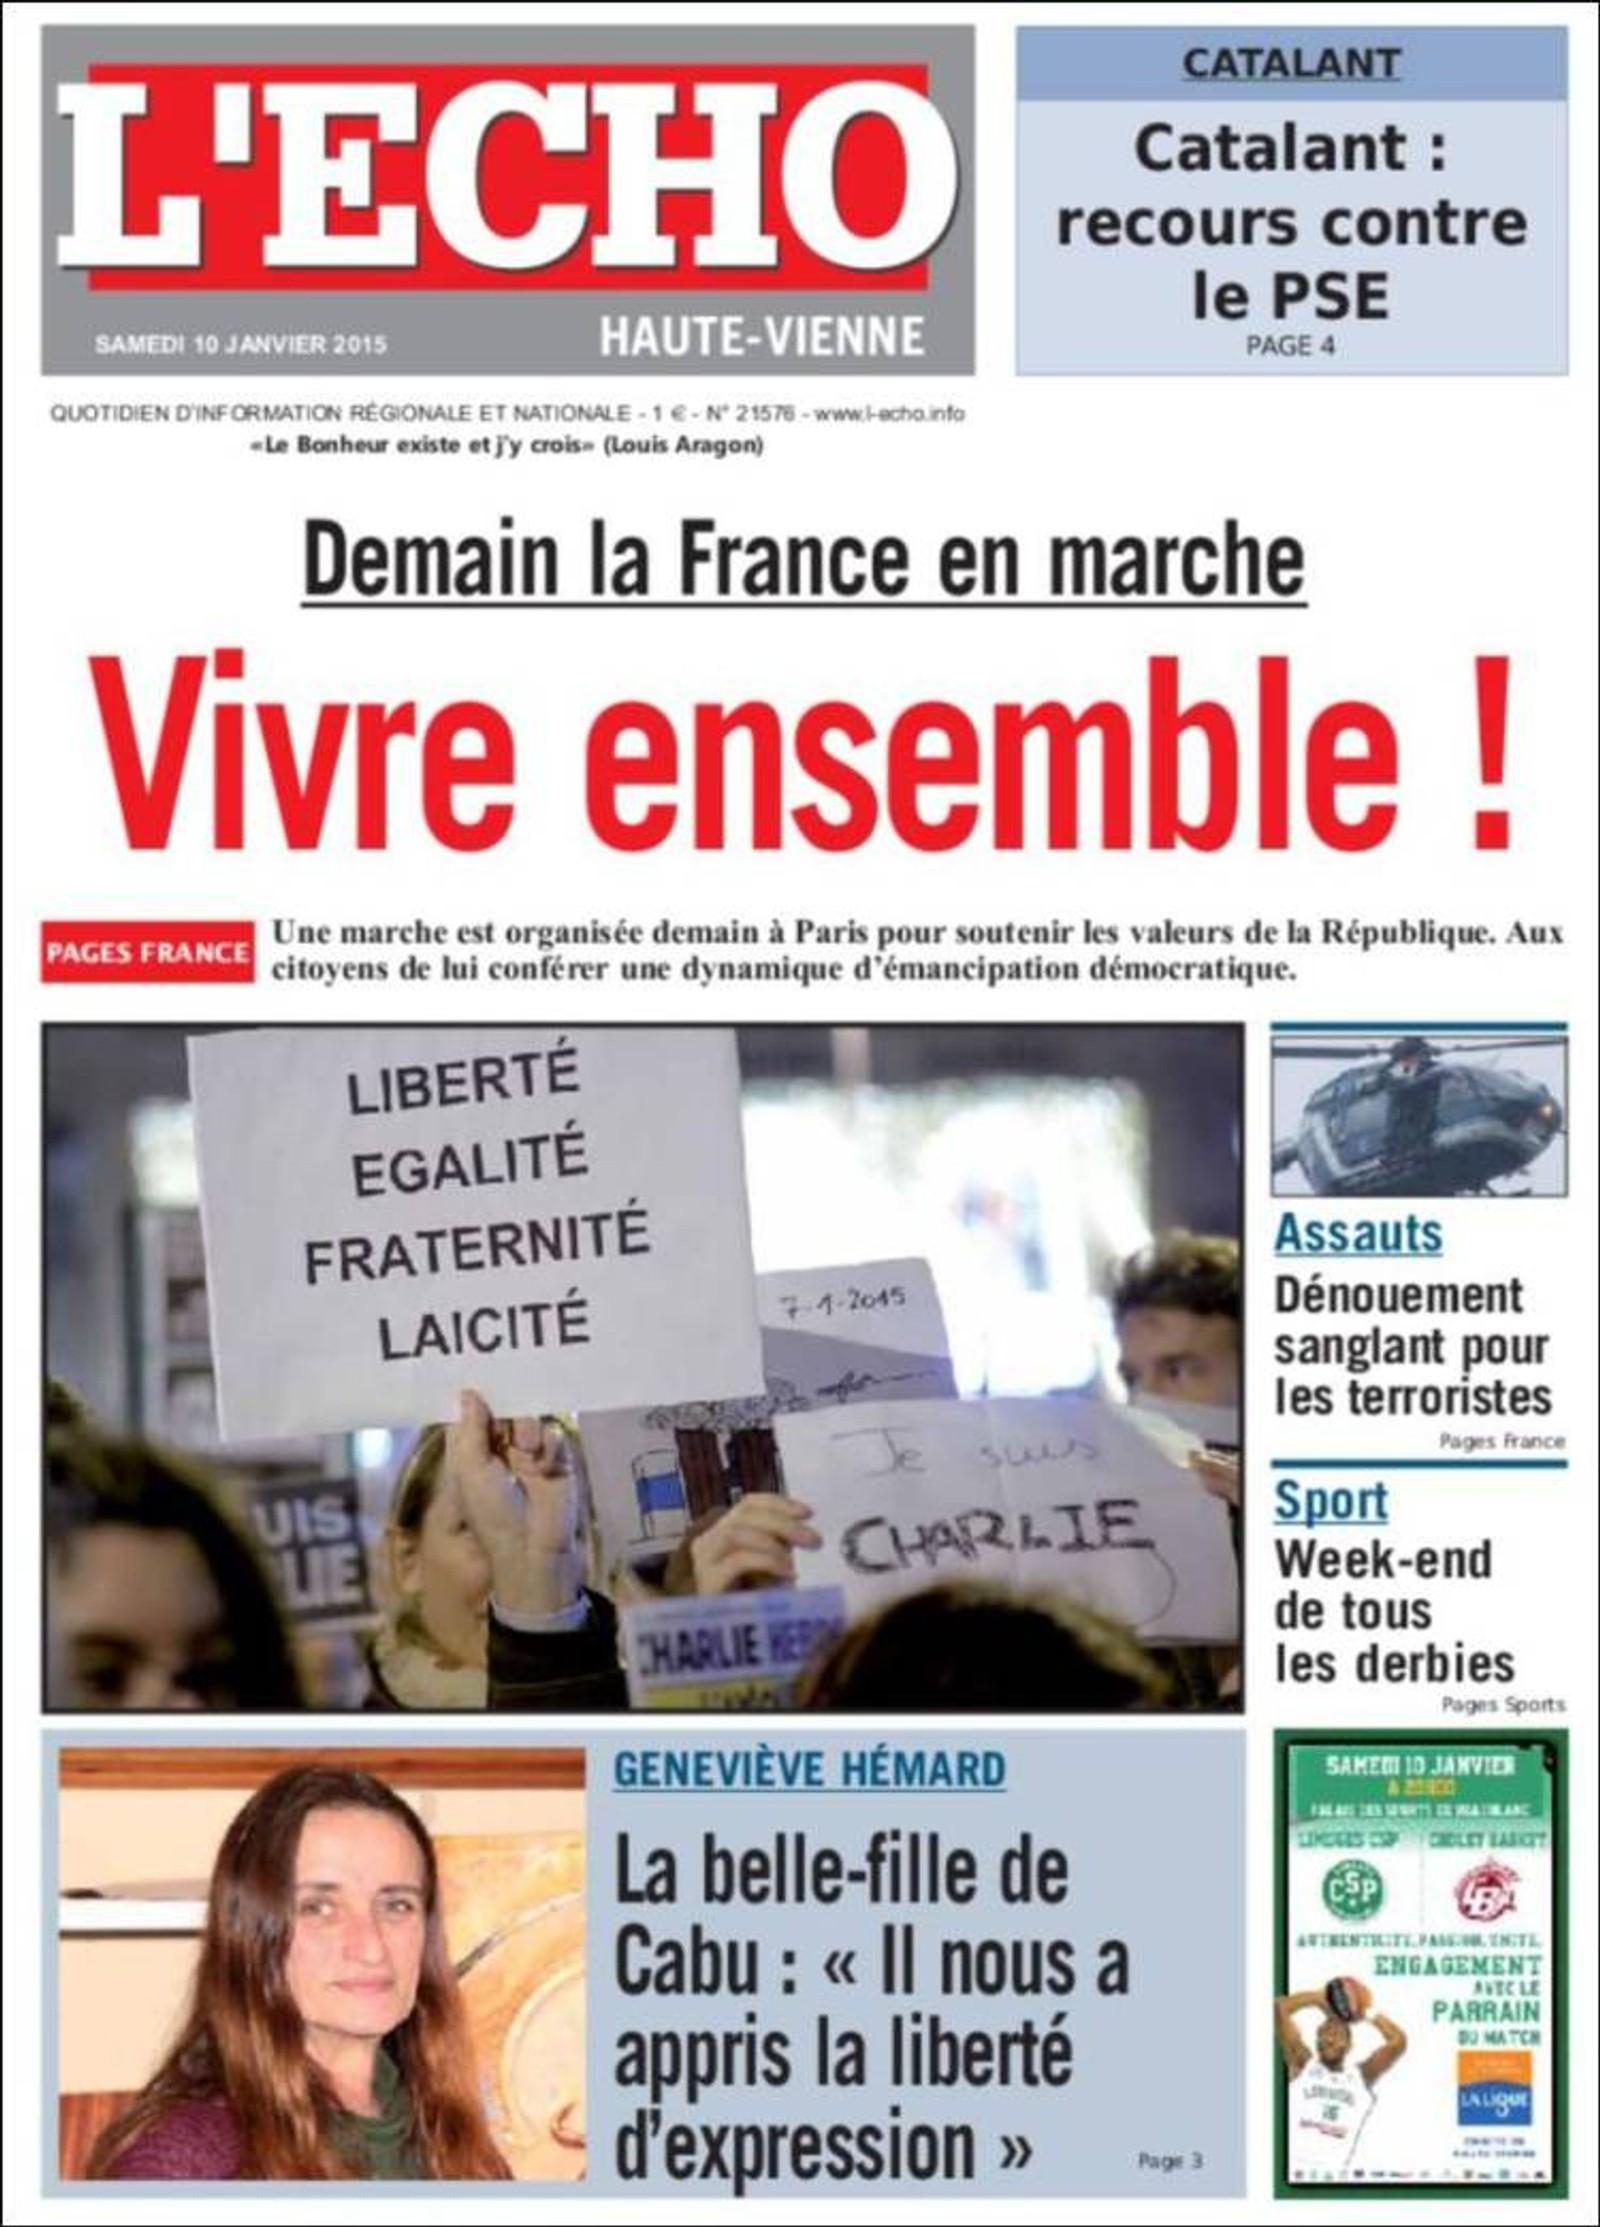 L'Echo: I morgen marsjerer Frankrike. Lev sammen!